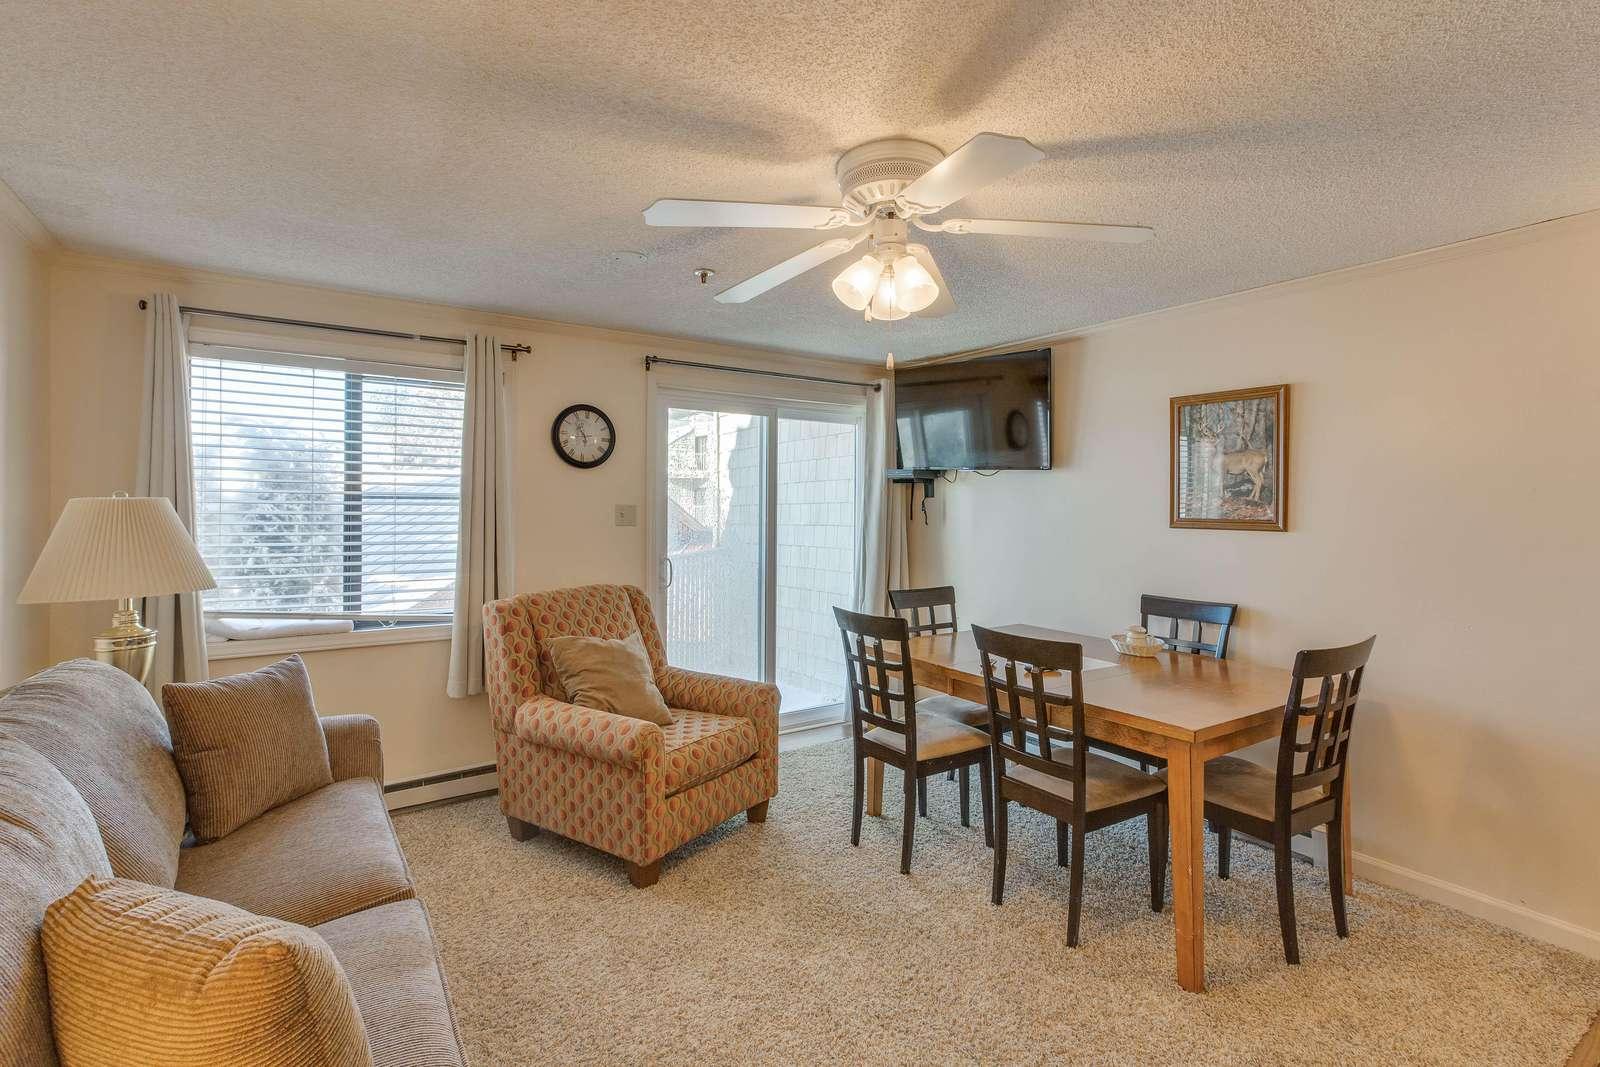 Exquisite Design on living area